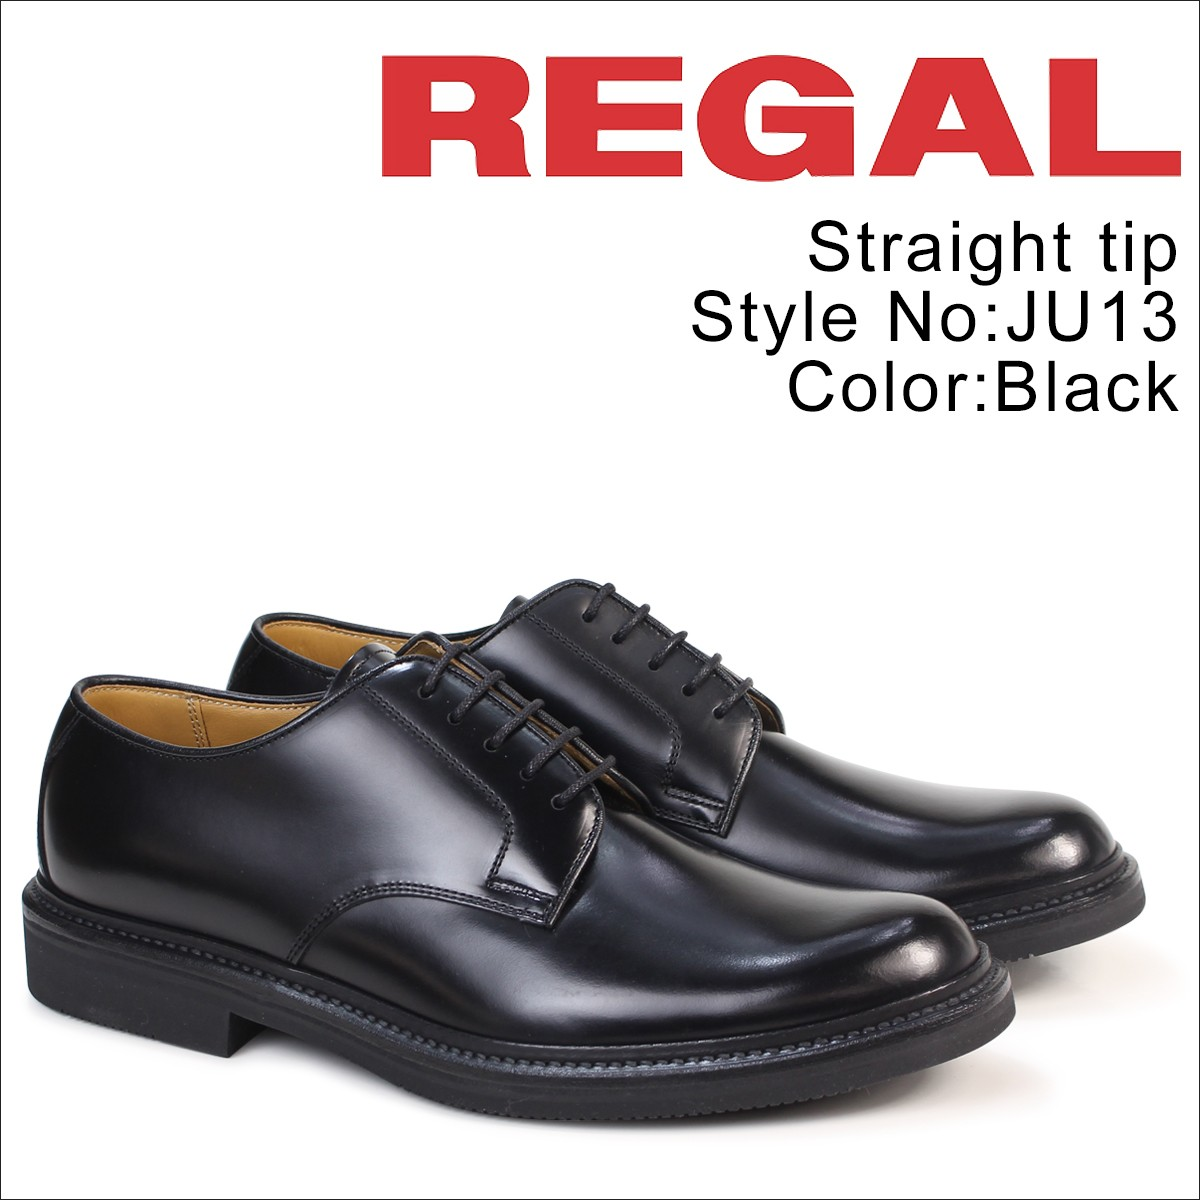 リーガル 靴 メンズ ビジネスシューズ REGAL プレーントゥ JU13 JG ブラック [4/19 追加入荷]